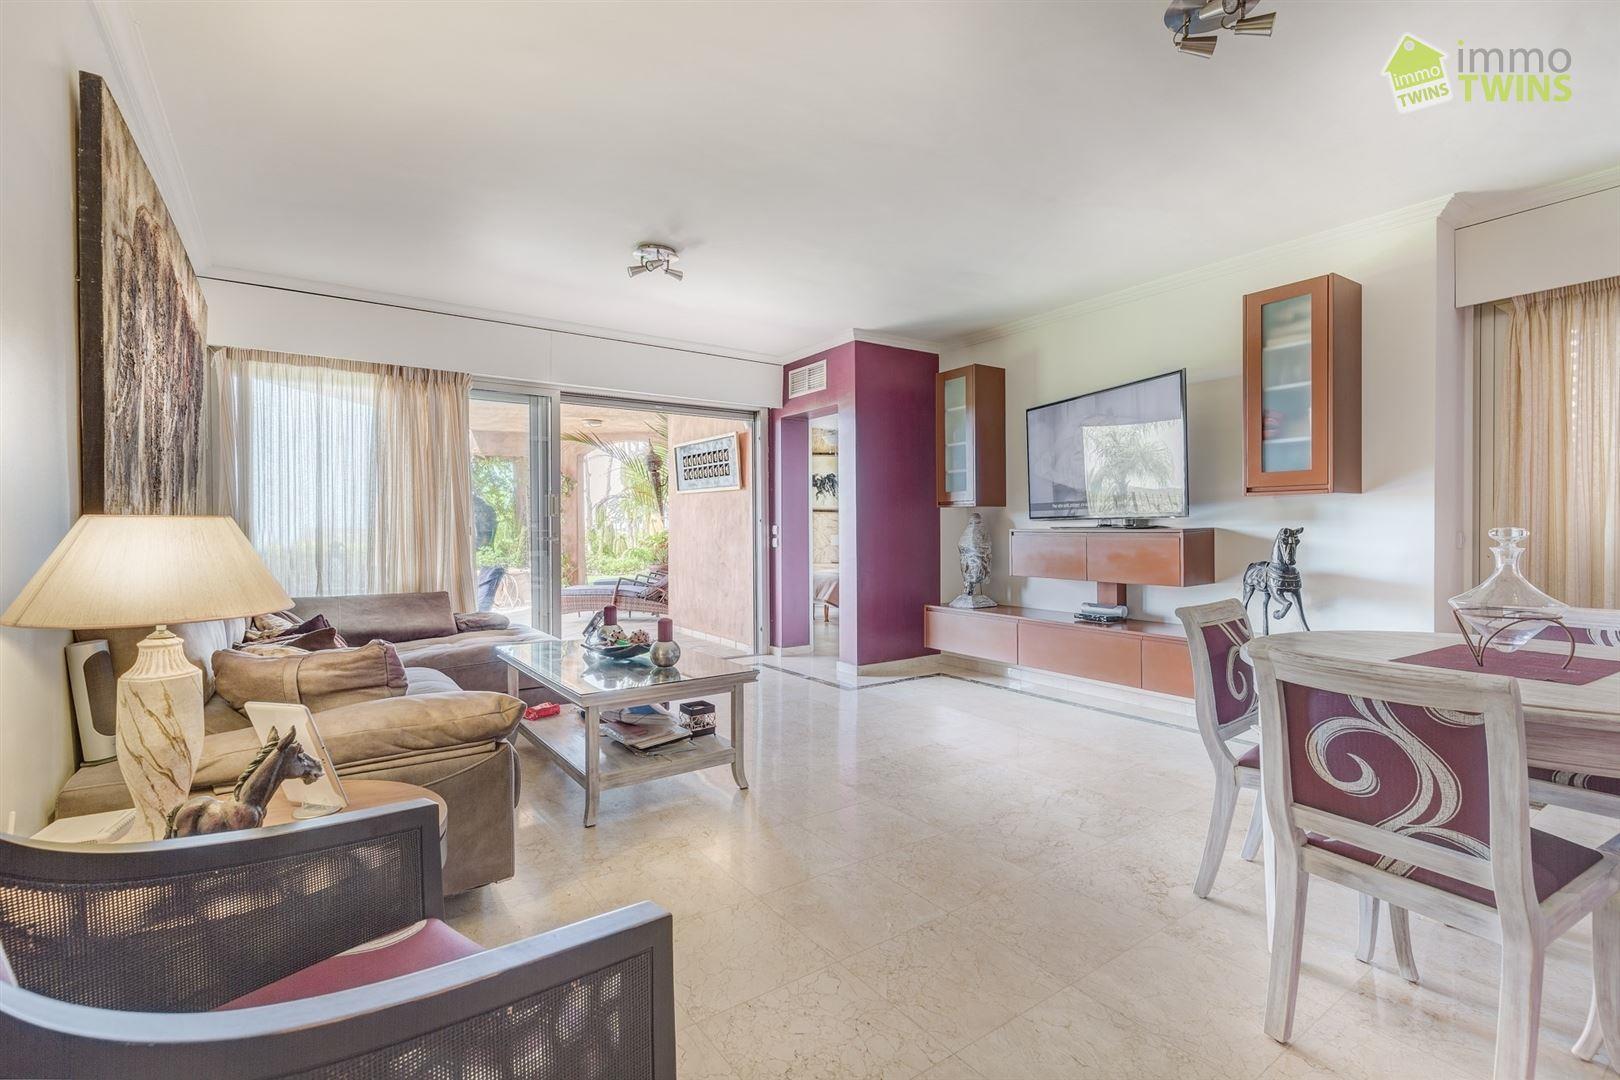 Foto 2 : Appartement te 38632 PALM MAR (Spanje) - Prijs € 440.000